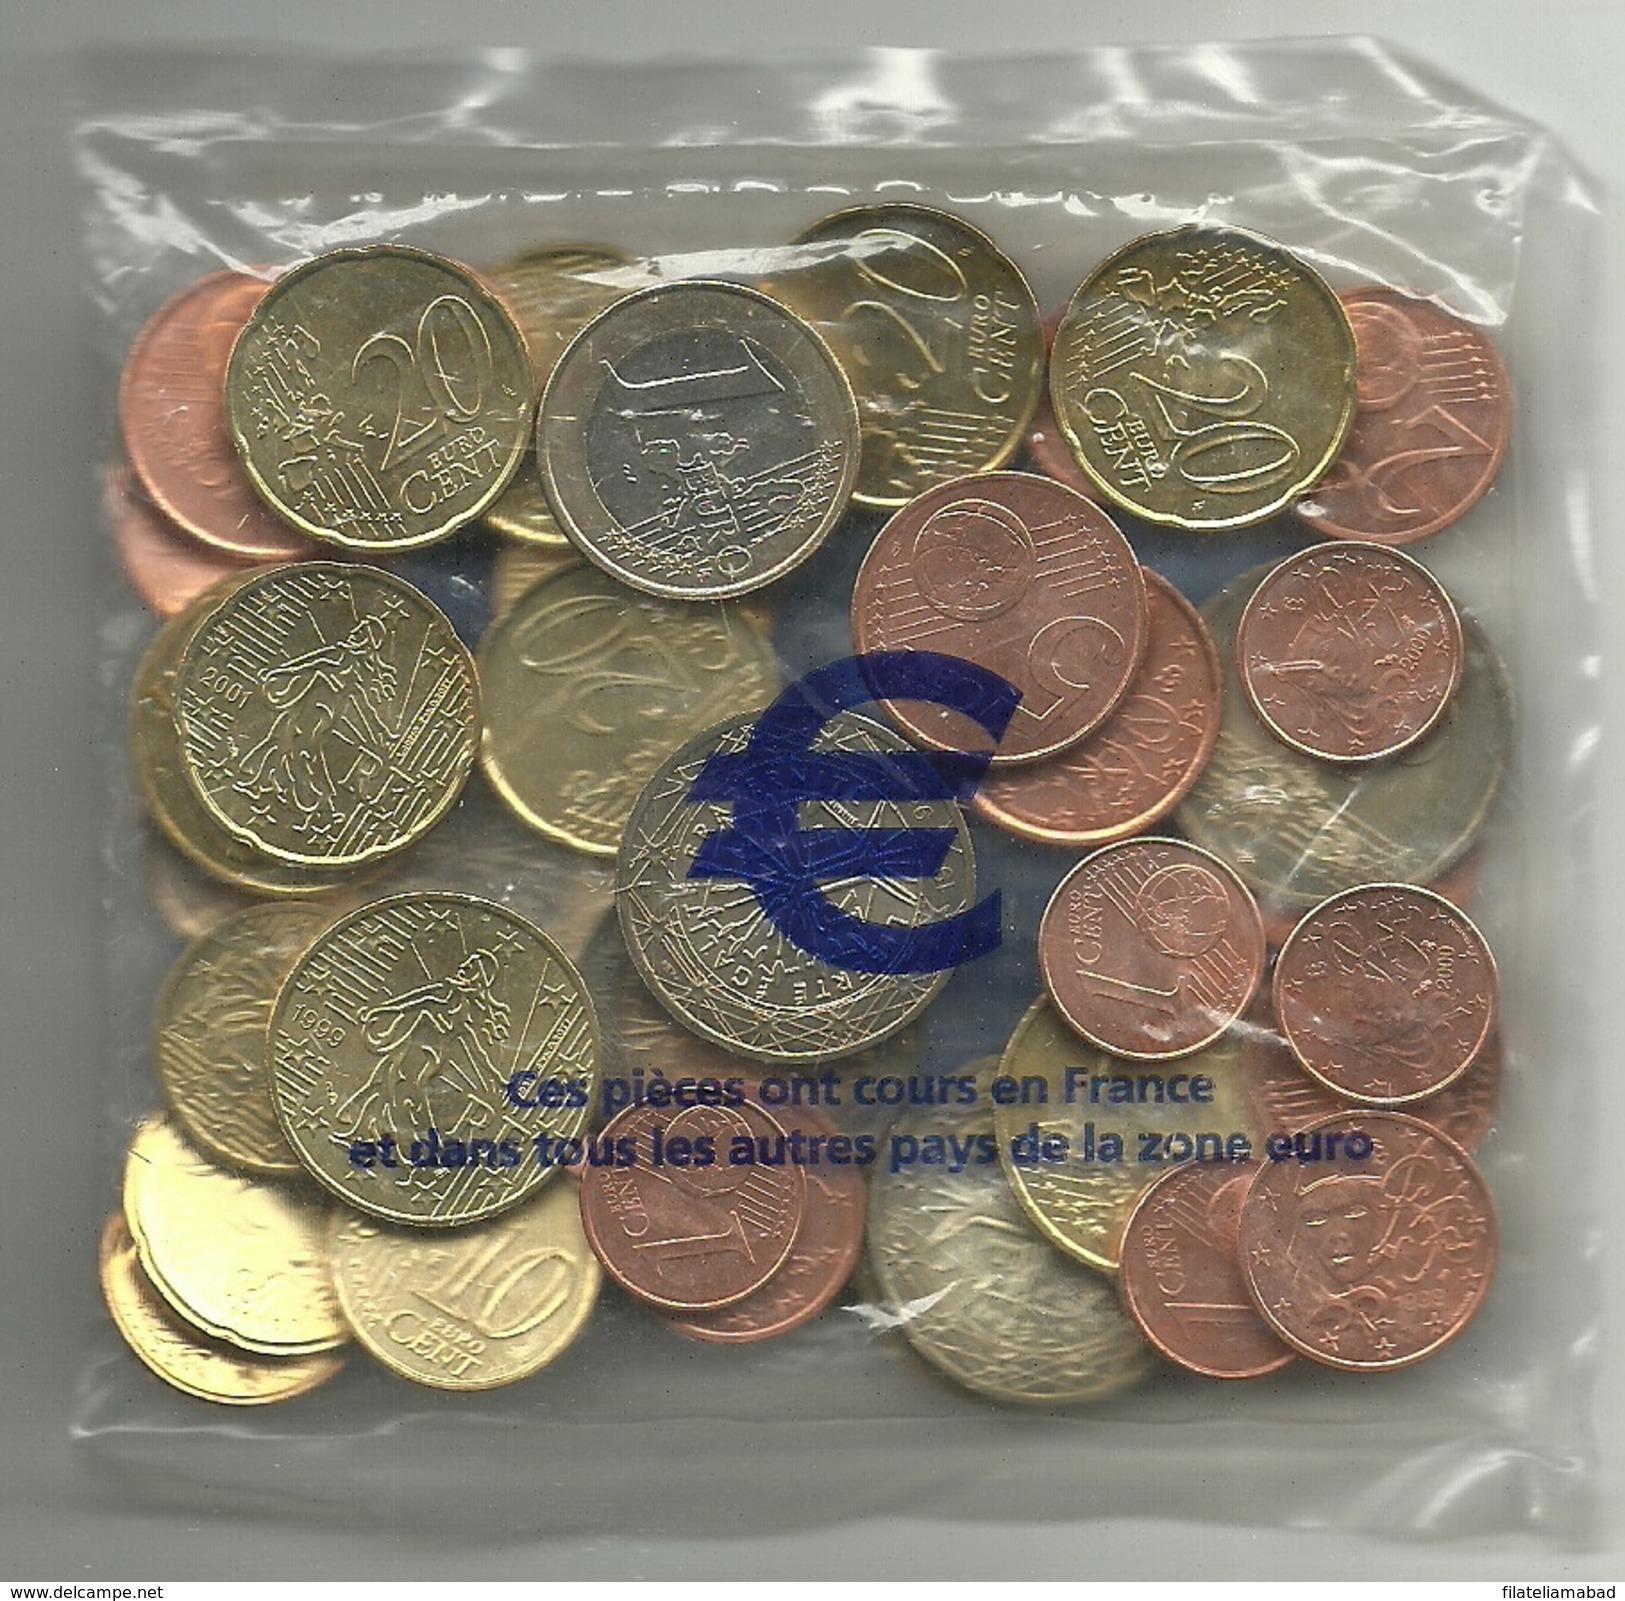 ESPAÑA LOTE DE EUROS SIN CIRCULAR (M.C.5.17) - Monedas & Billetes